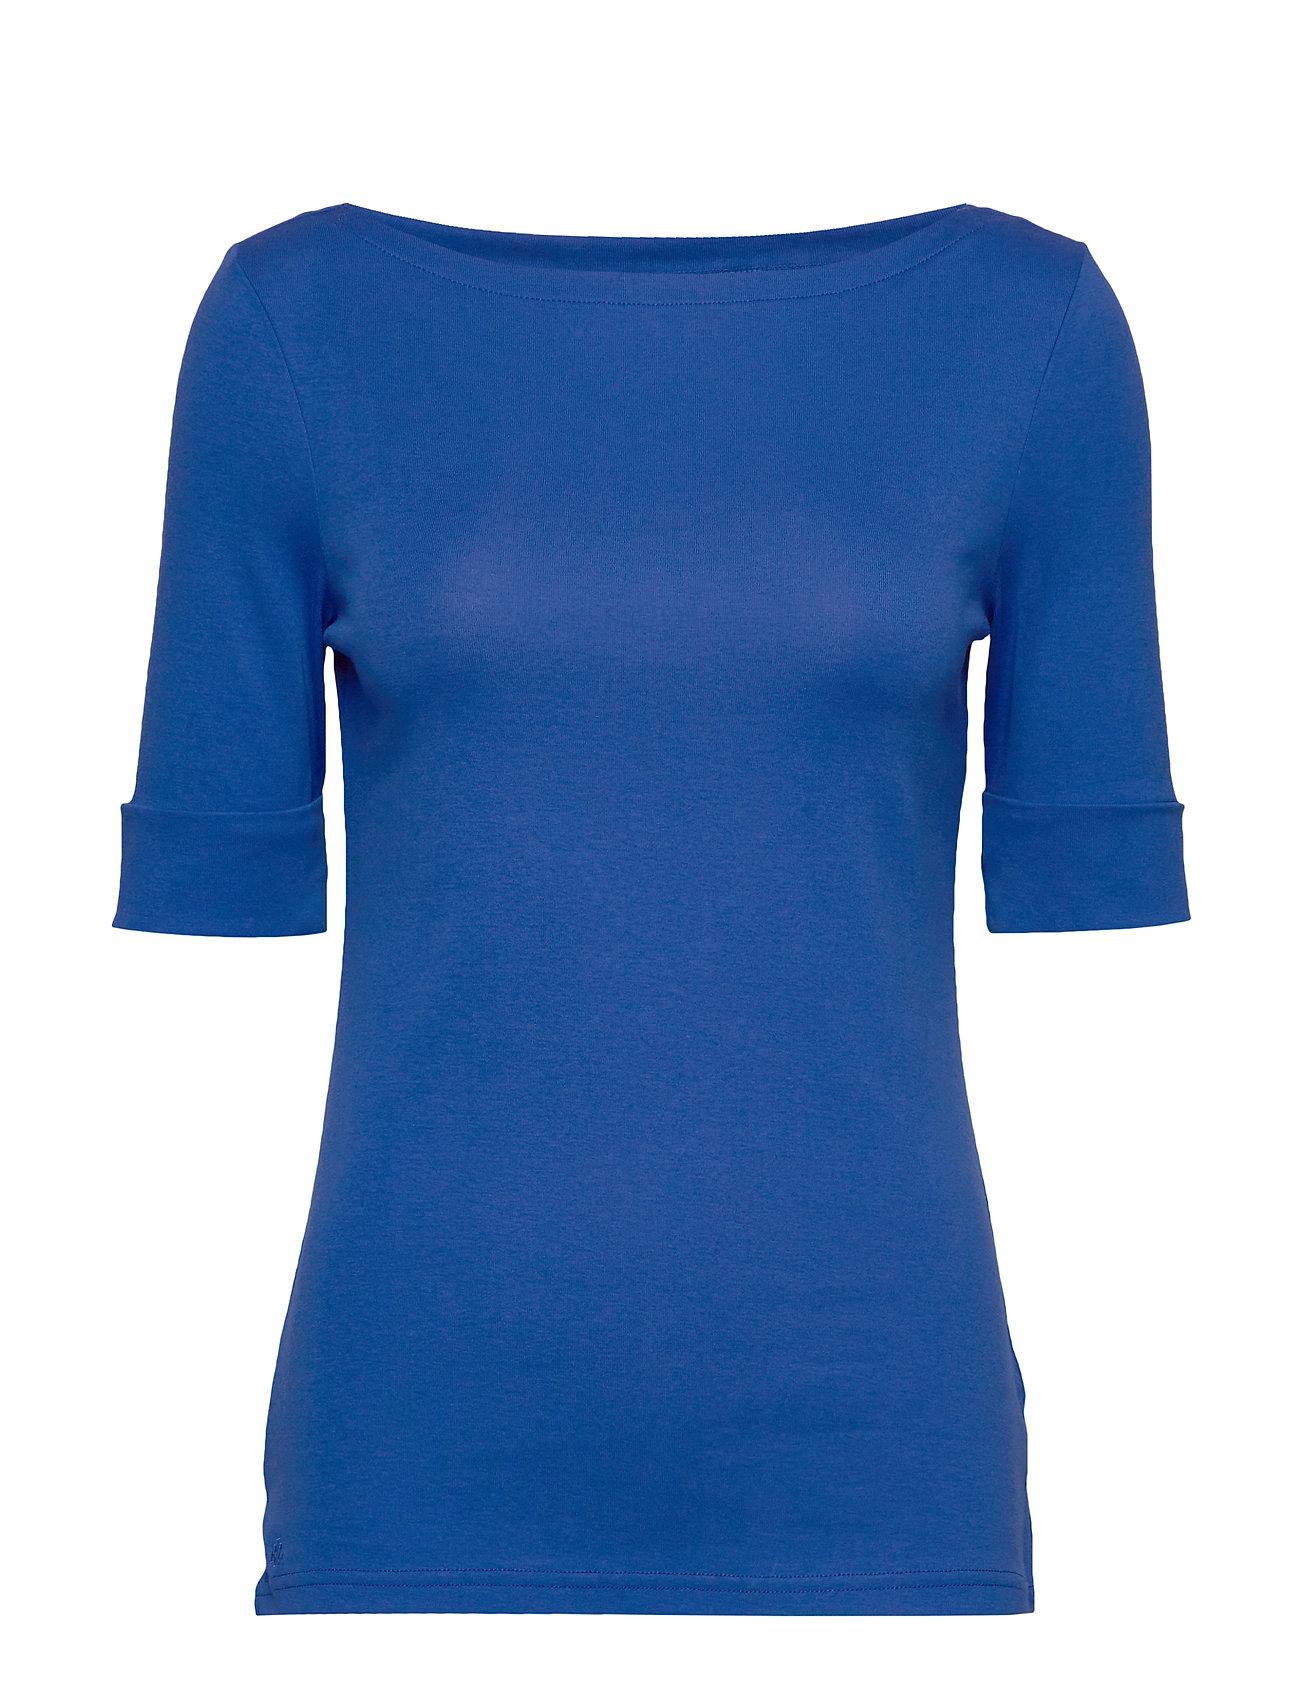 Lauren Ralph Lauren Cotton-Blend Boatneck Top - BLUE GLACIER